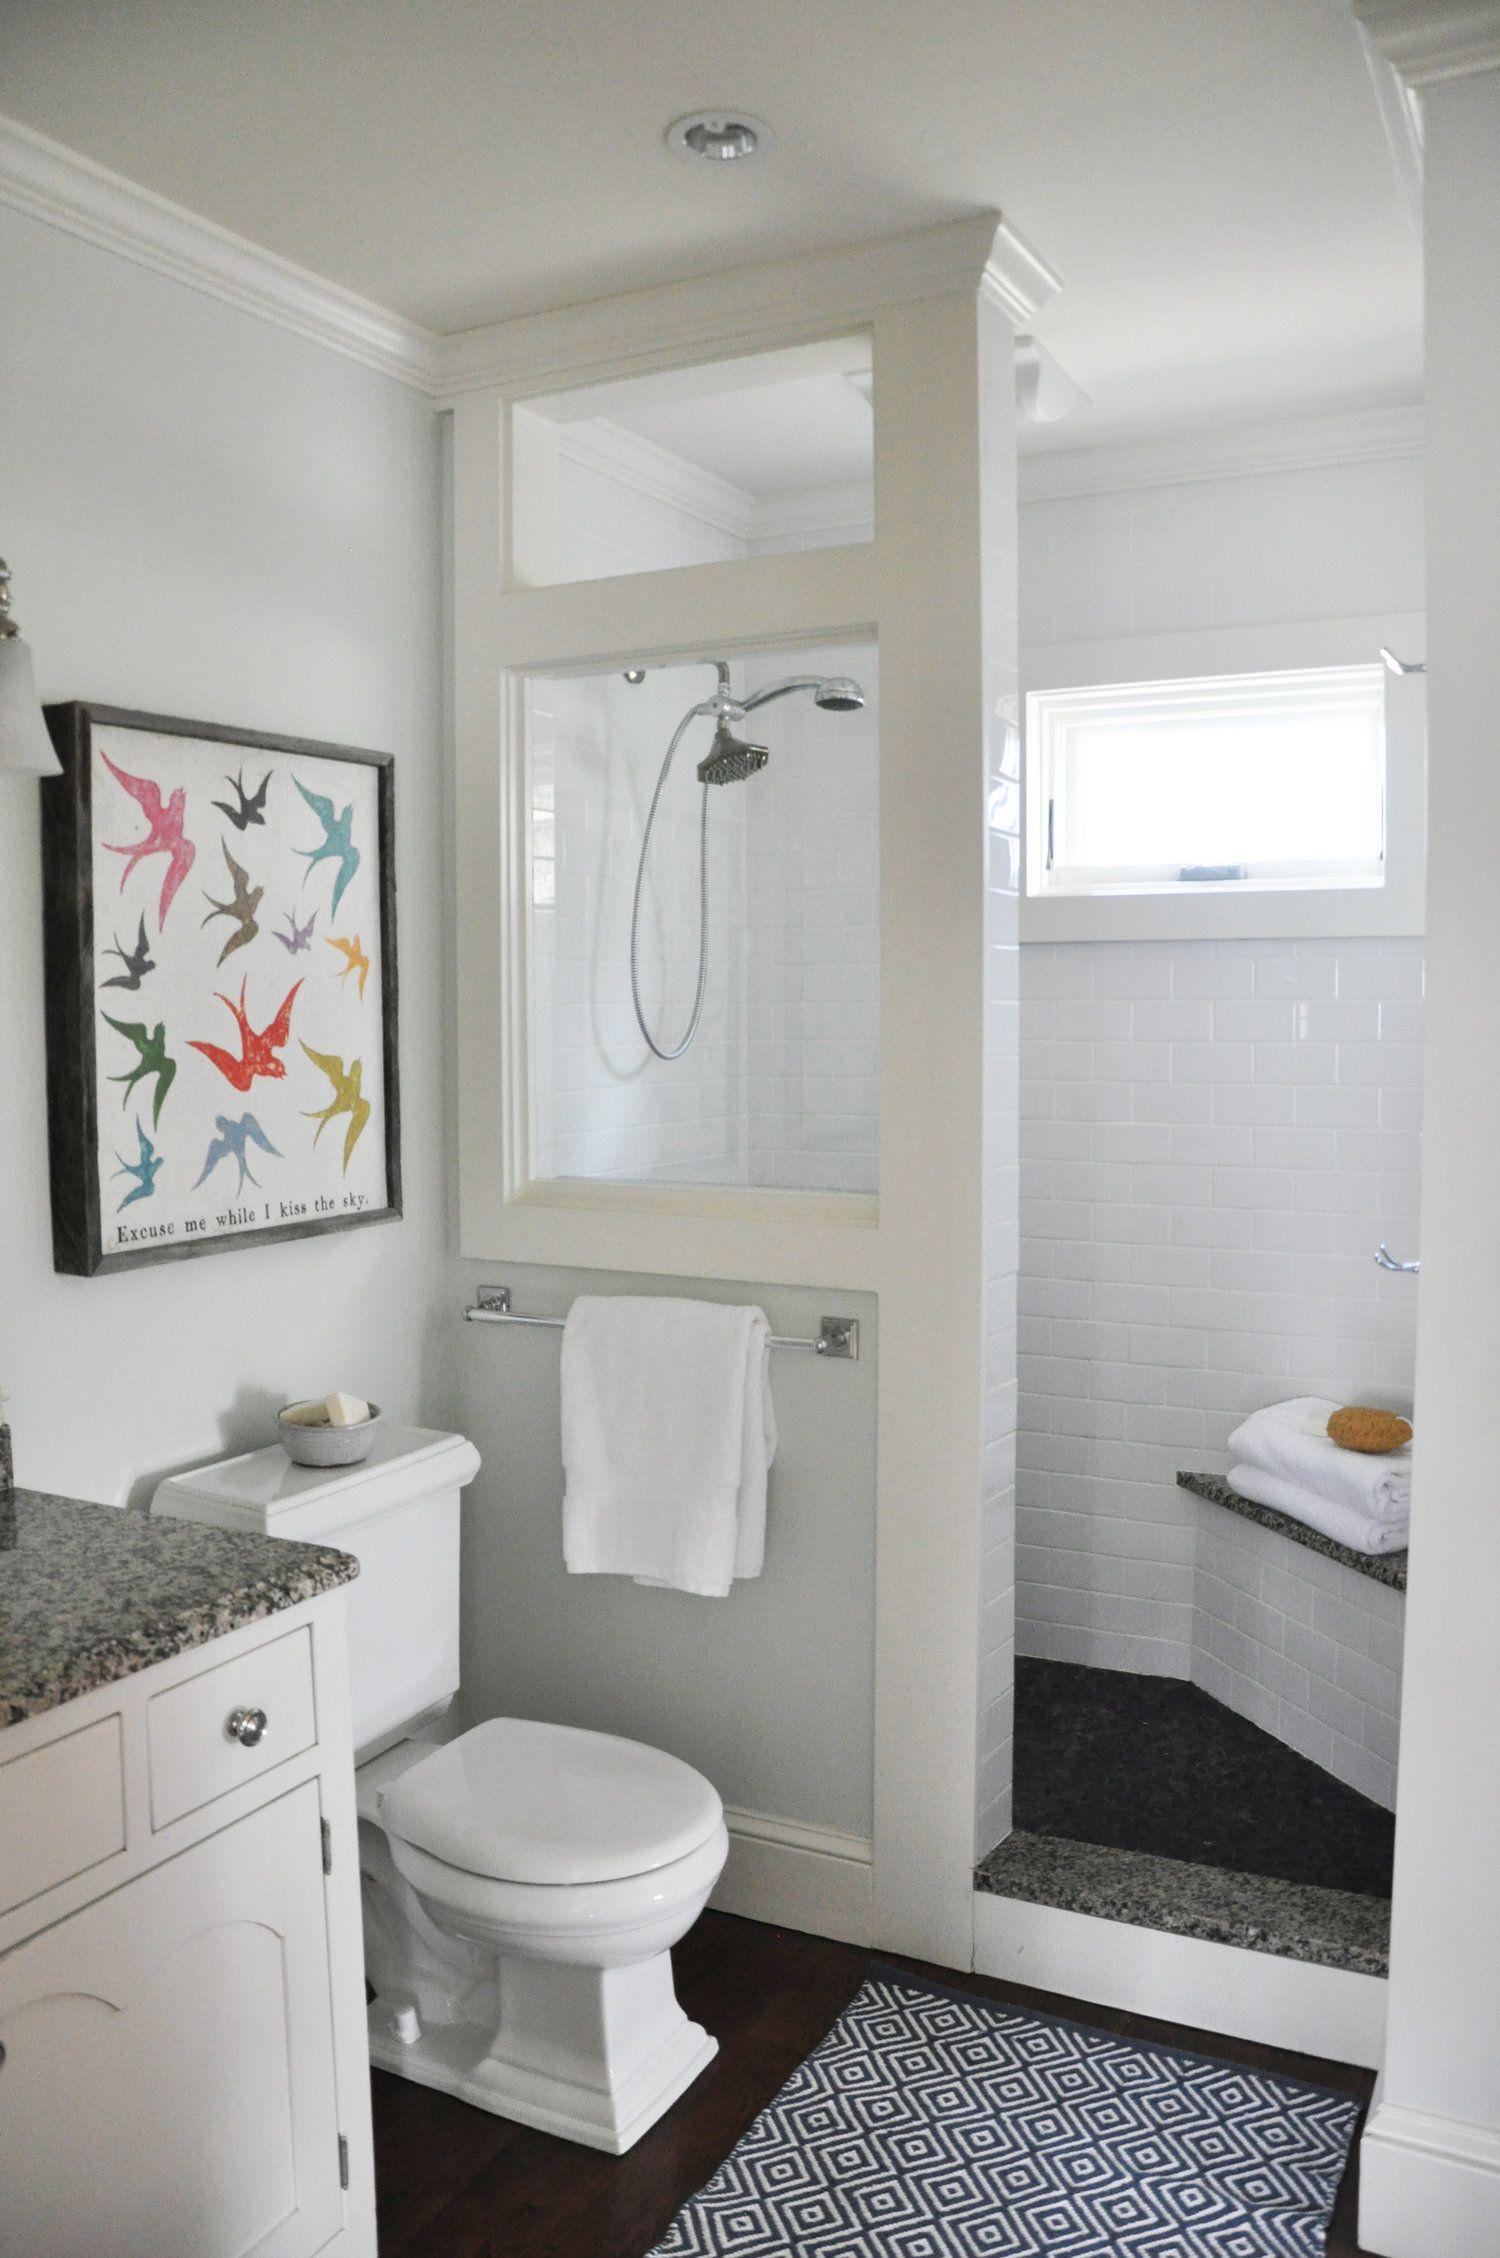 idea for guest bathroom  no shower door  small bathroom